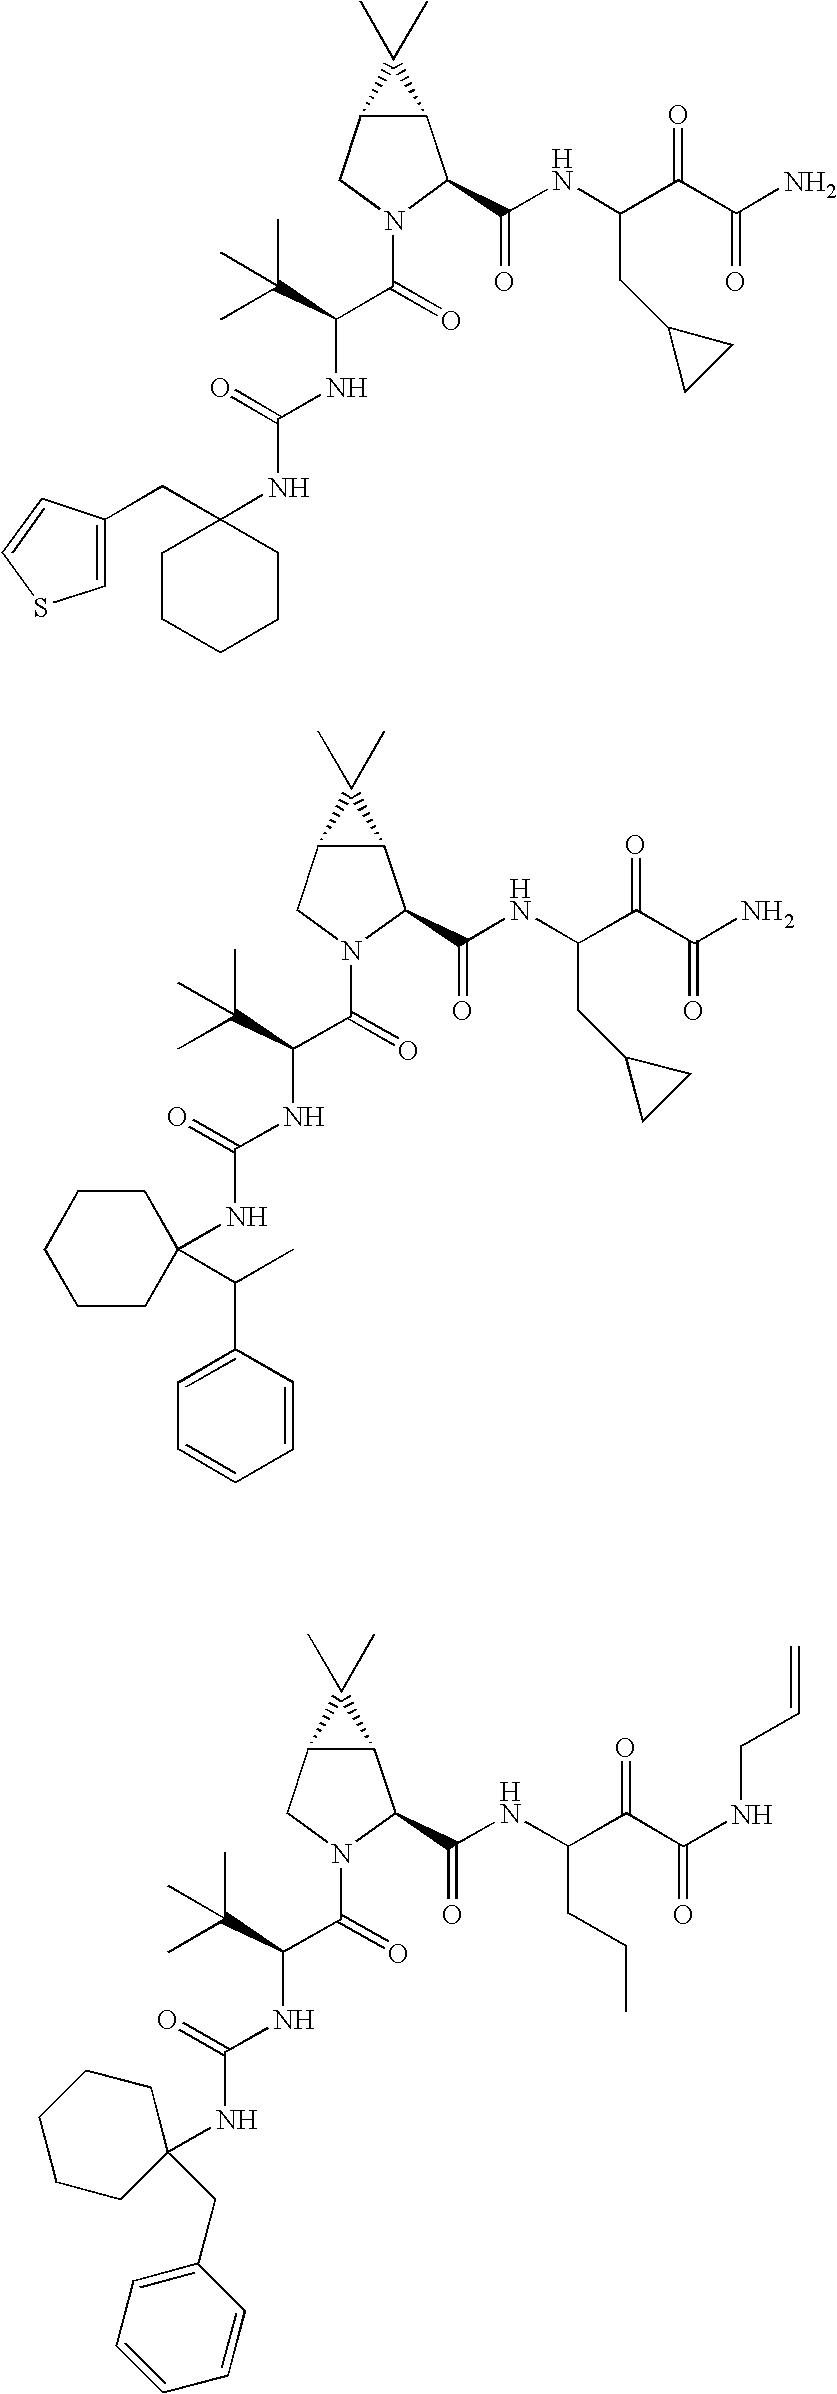 Figure US20060287248A1-20061221-C00330